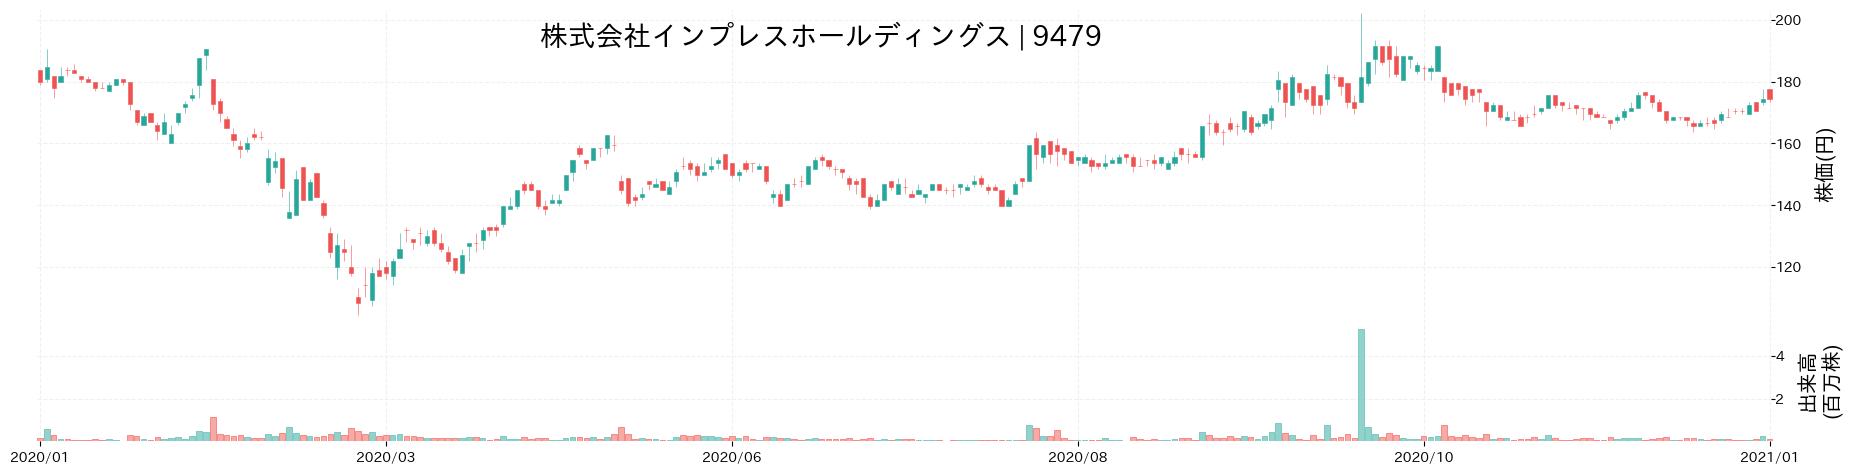 株式会社インプレスホールディングスの株価推移(2020)